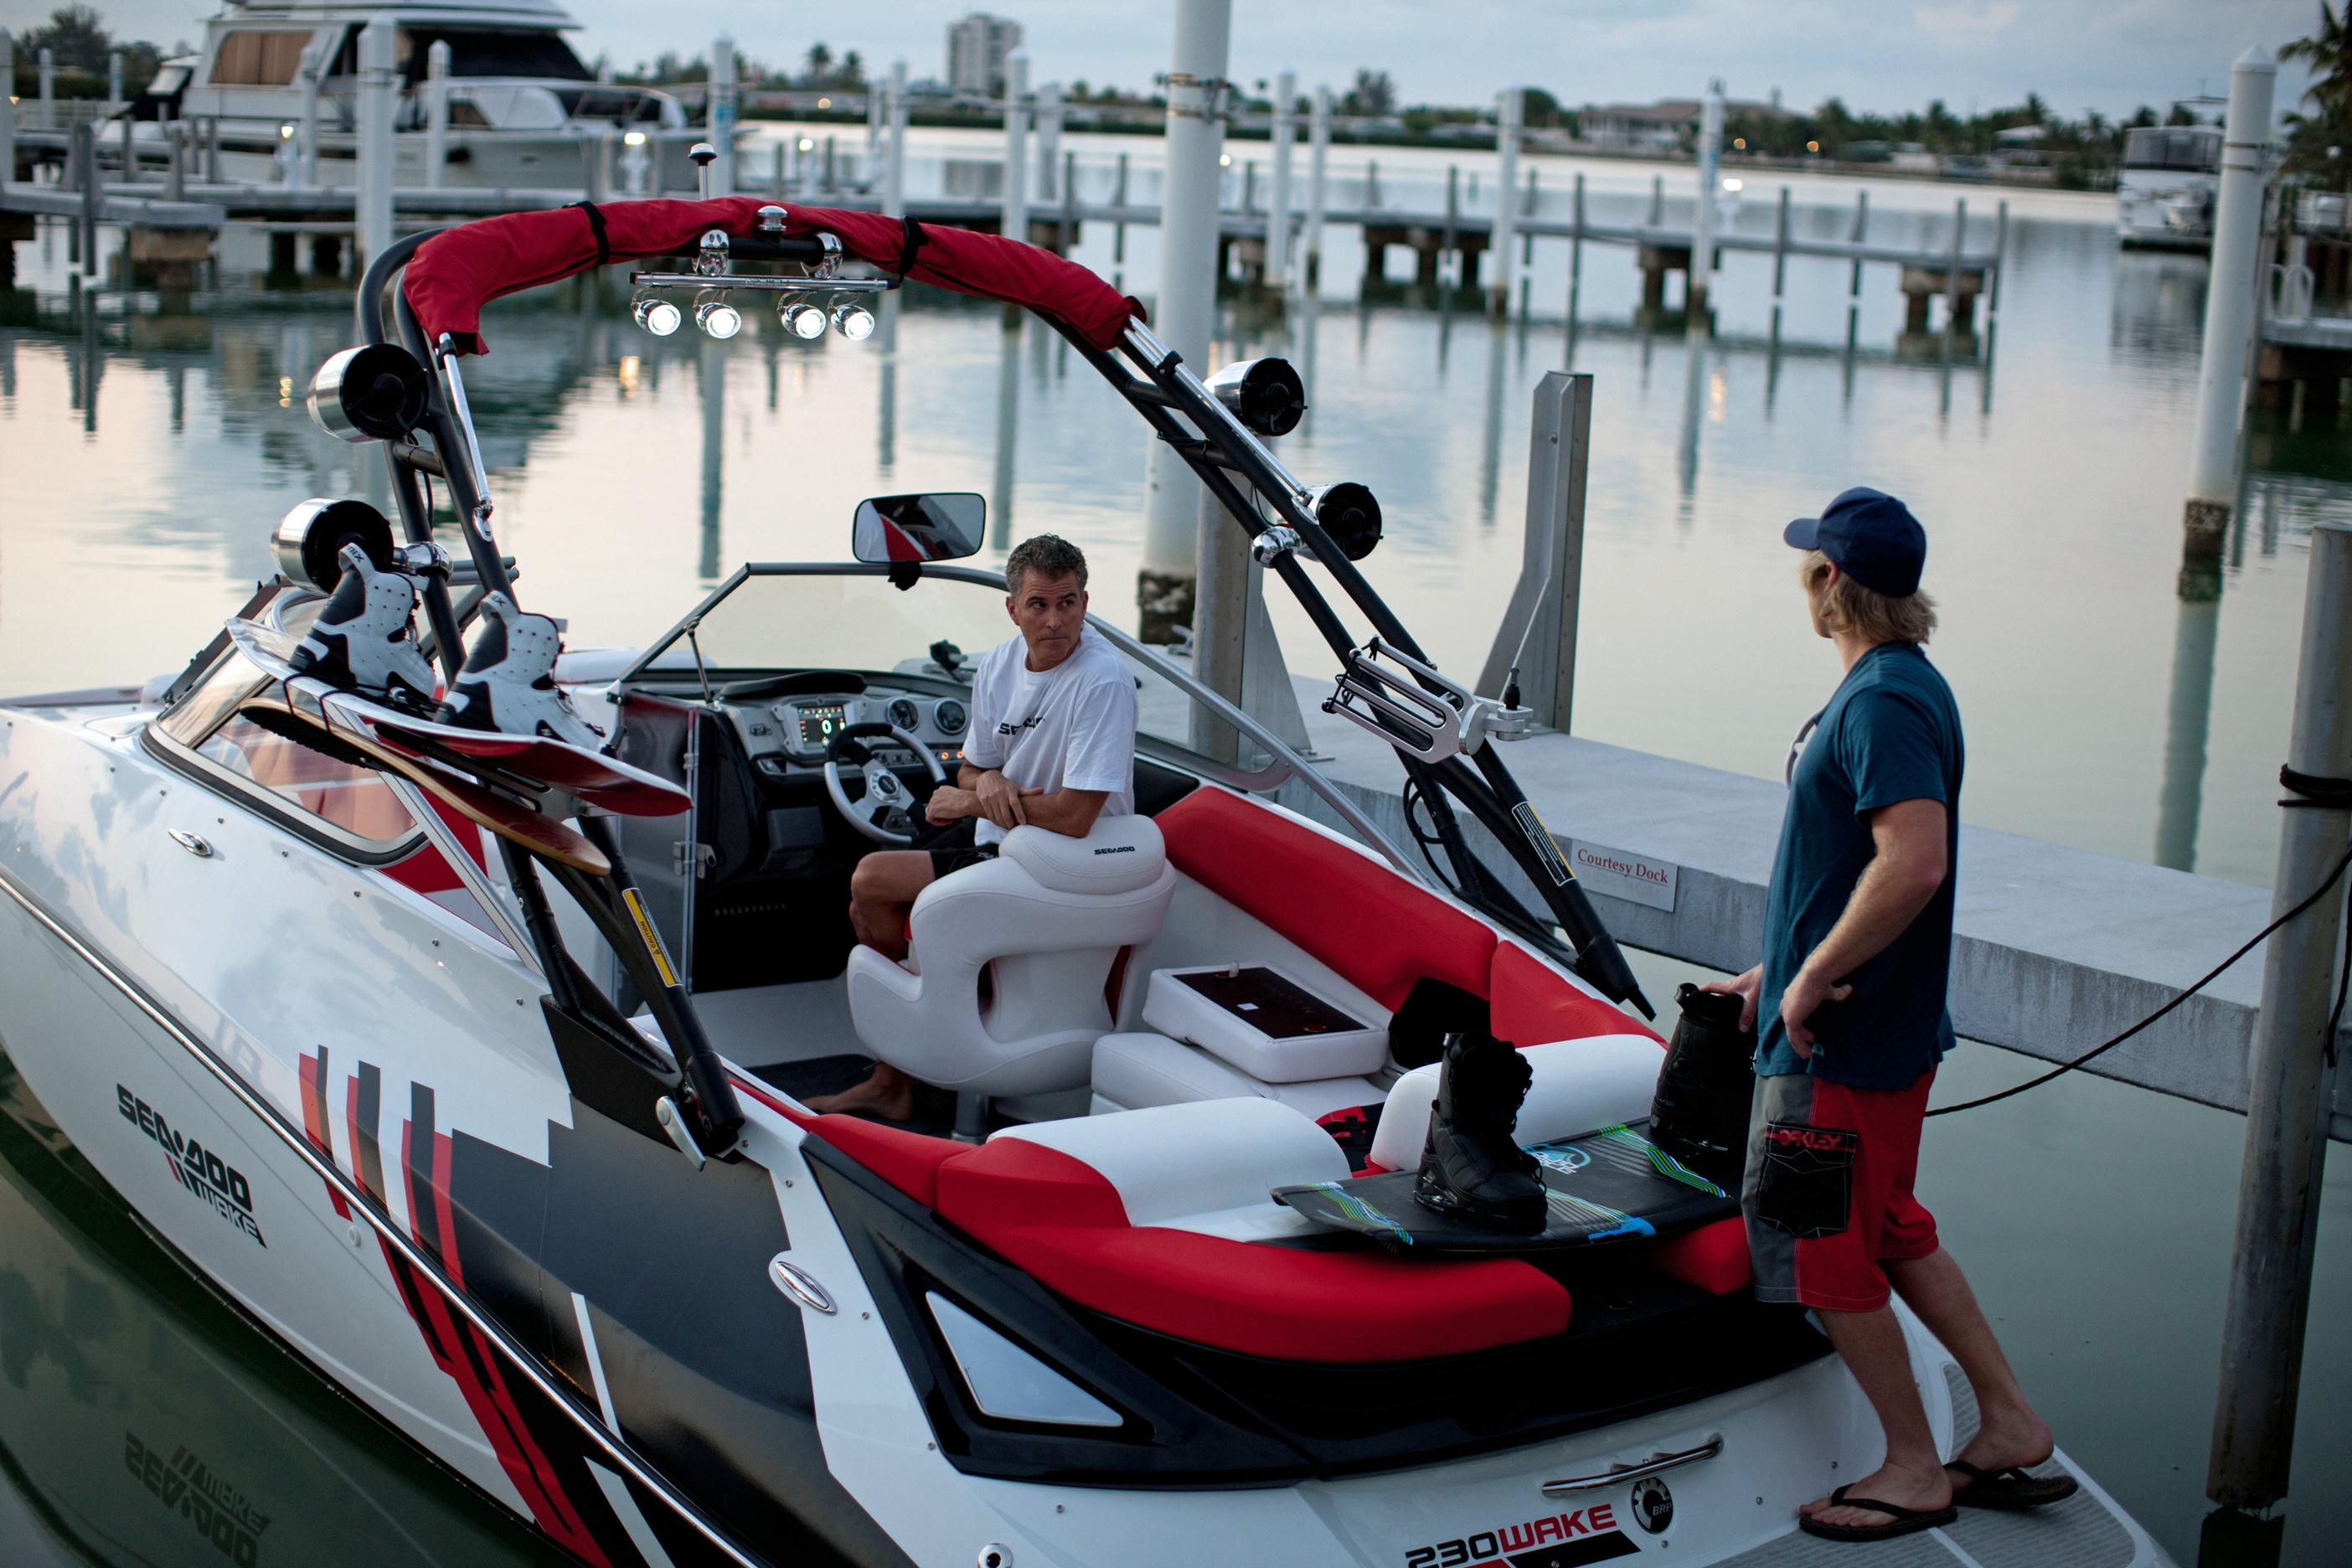 Seadoo Prices >> Sea-Doo boats | Sea-Doo Onboard